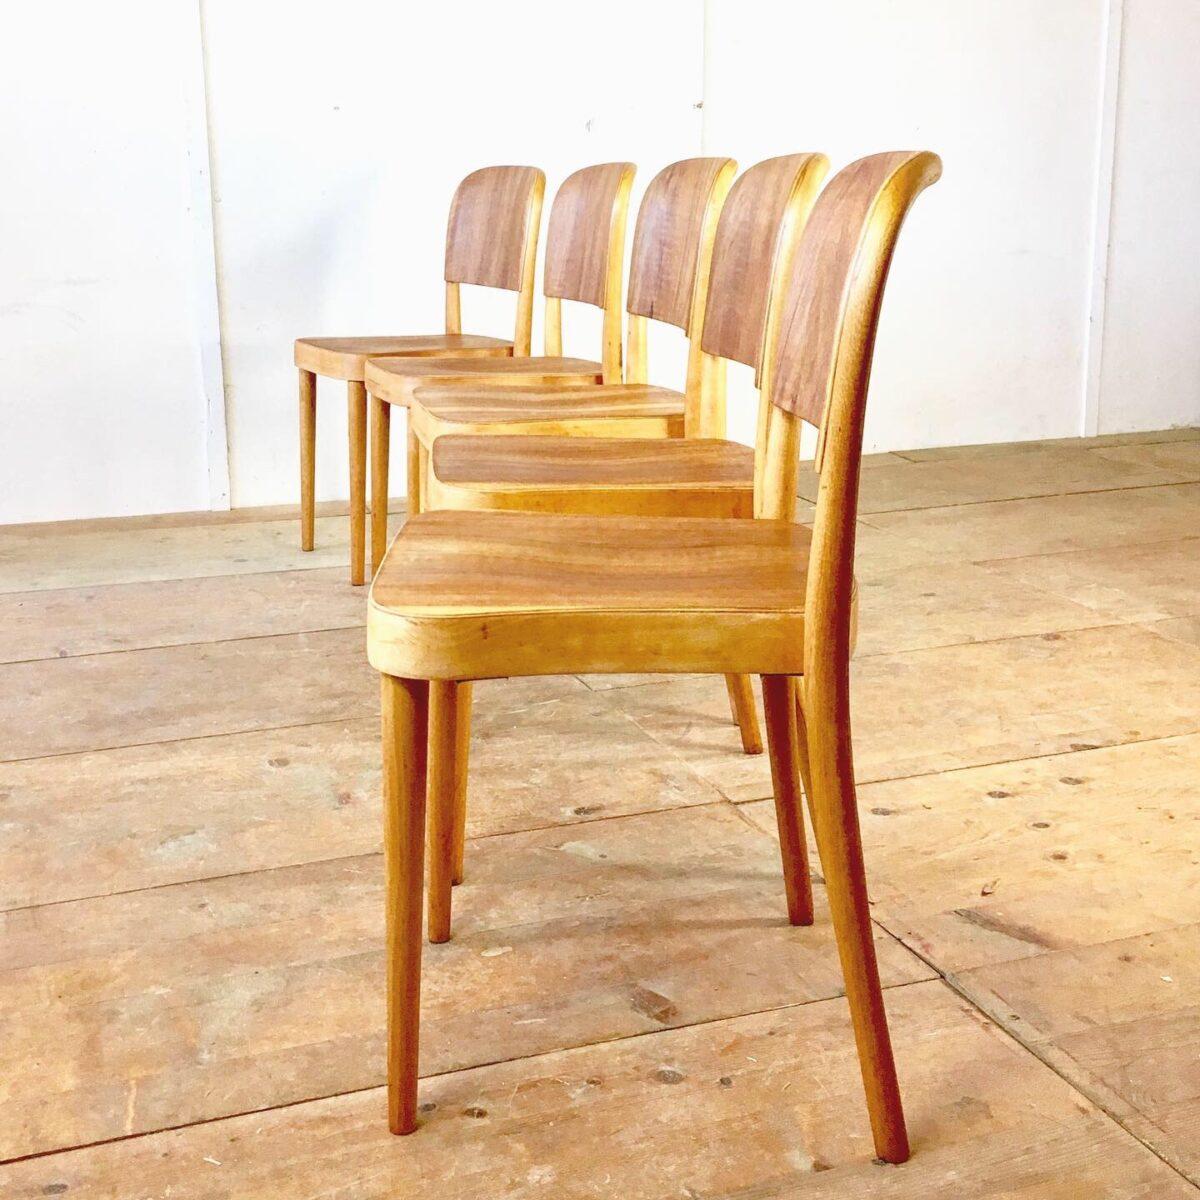 Haefeli Stühle, Horgenglarus Stühle von Max Ernst Haefeli. Beizenstühle, Holzstühle, stapelstühle, preis pro Stuhl. Buchenholz bugholz Beine. Lehne und Sitzfläche Nussbaum Sperrholz. Sehr Ergonomisch, stabiler Zustand. Warme honiggelbe Ausstrahlung in Kombination mit den etwas dunkleren Nussbaum Sperrholz Flächen. Holz mit naturöl behandelt. Ca. 30 gleiche mit Birken Sperrholz sind auch noch vorhanden.